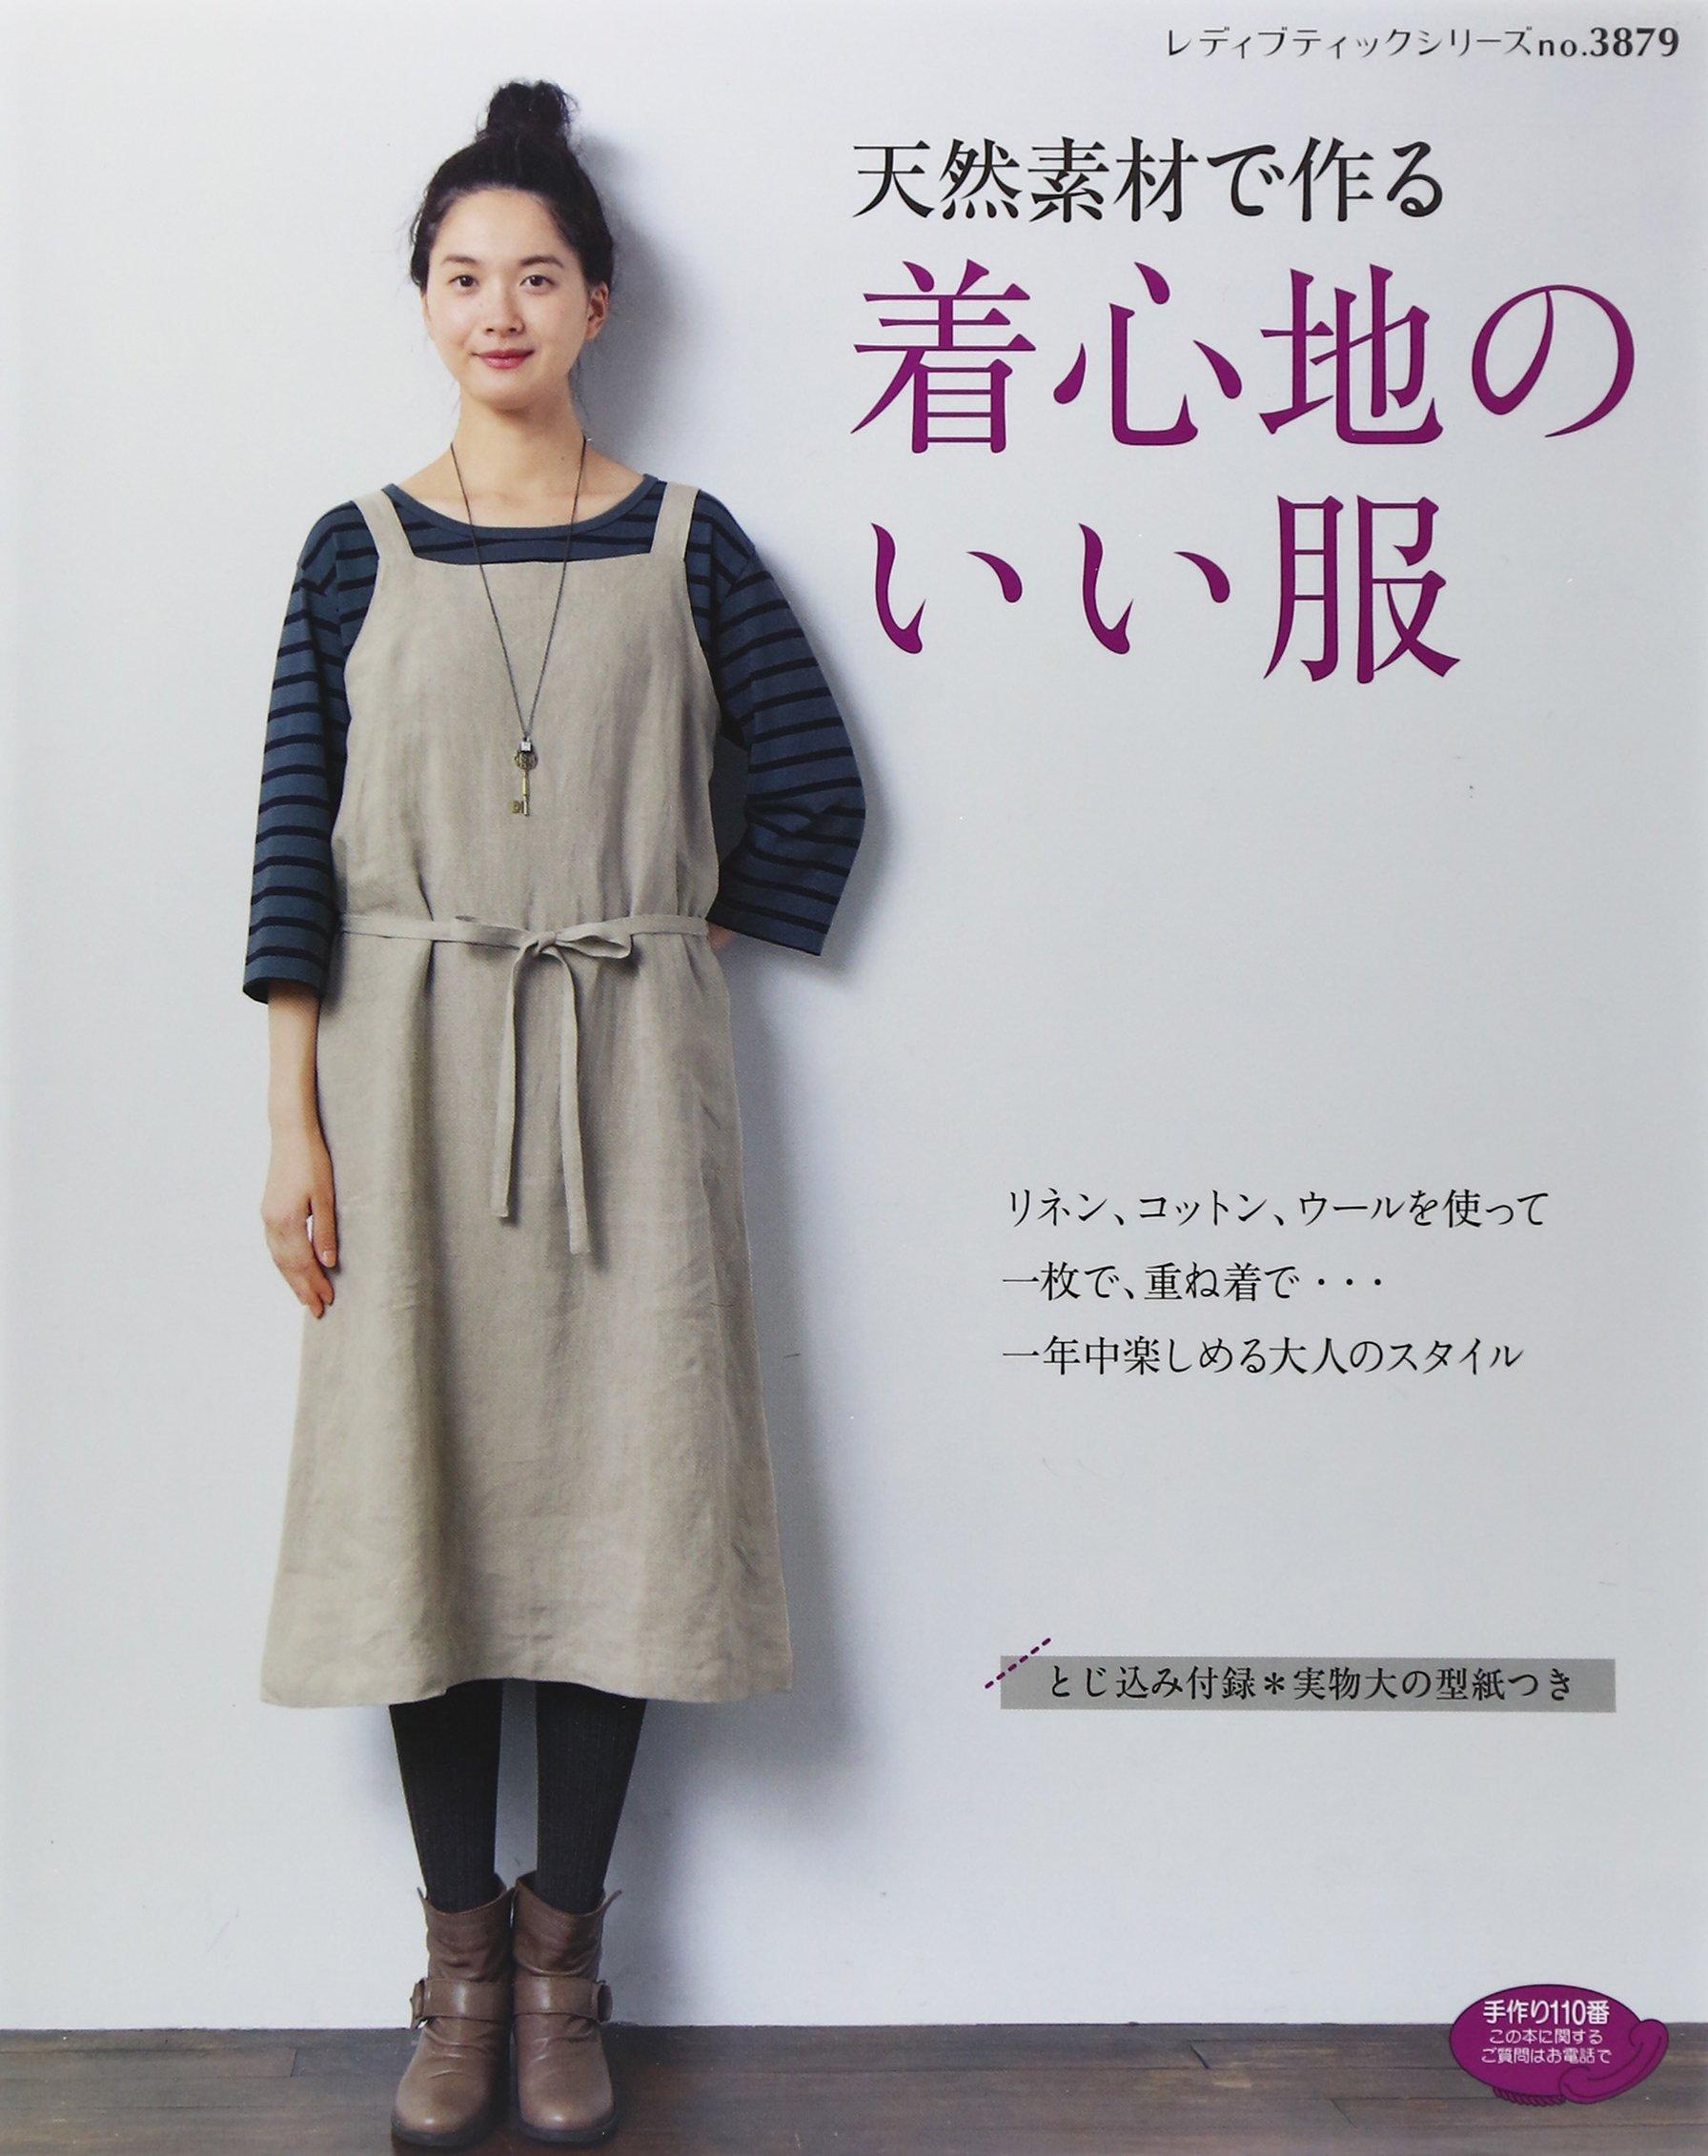 Download Tennen sozai de tsukuru kigokochi no i fuku : Rinen kotton uru o tsukatte ichinenju tanoshimu. pdf